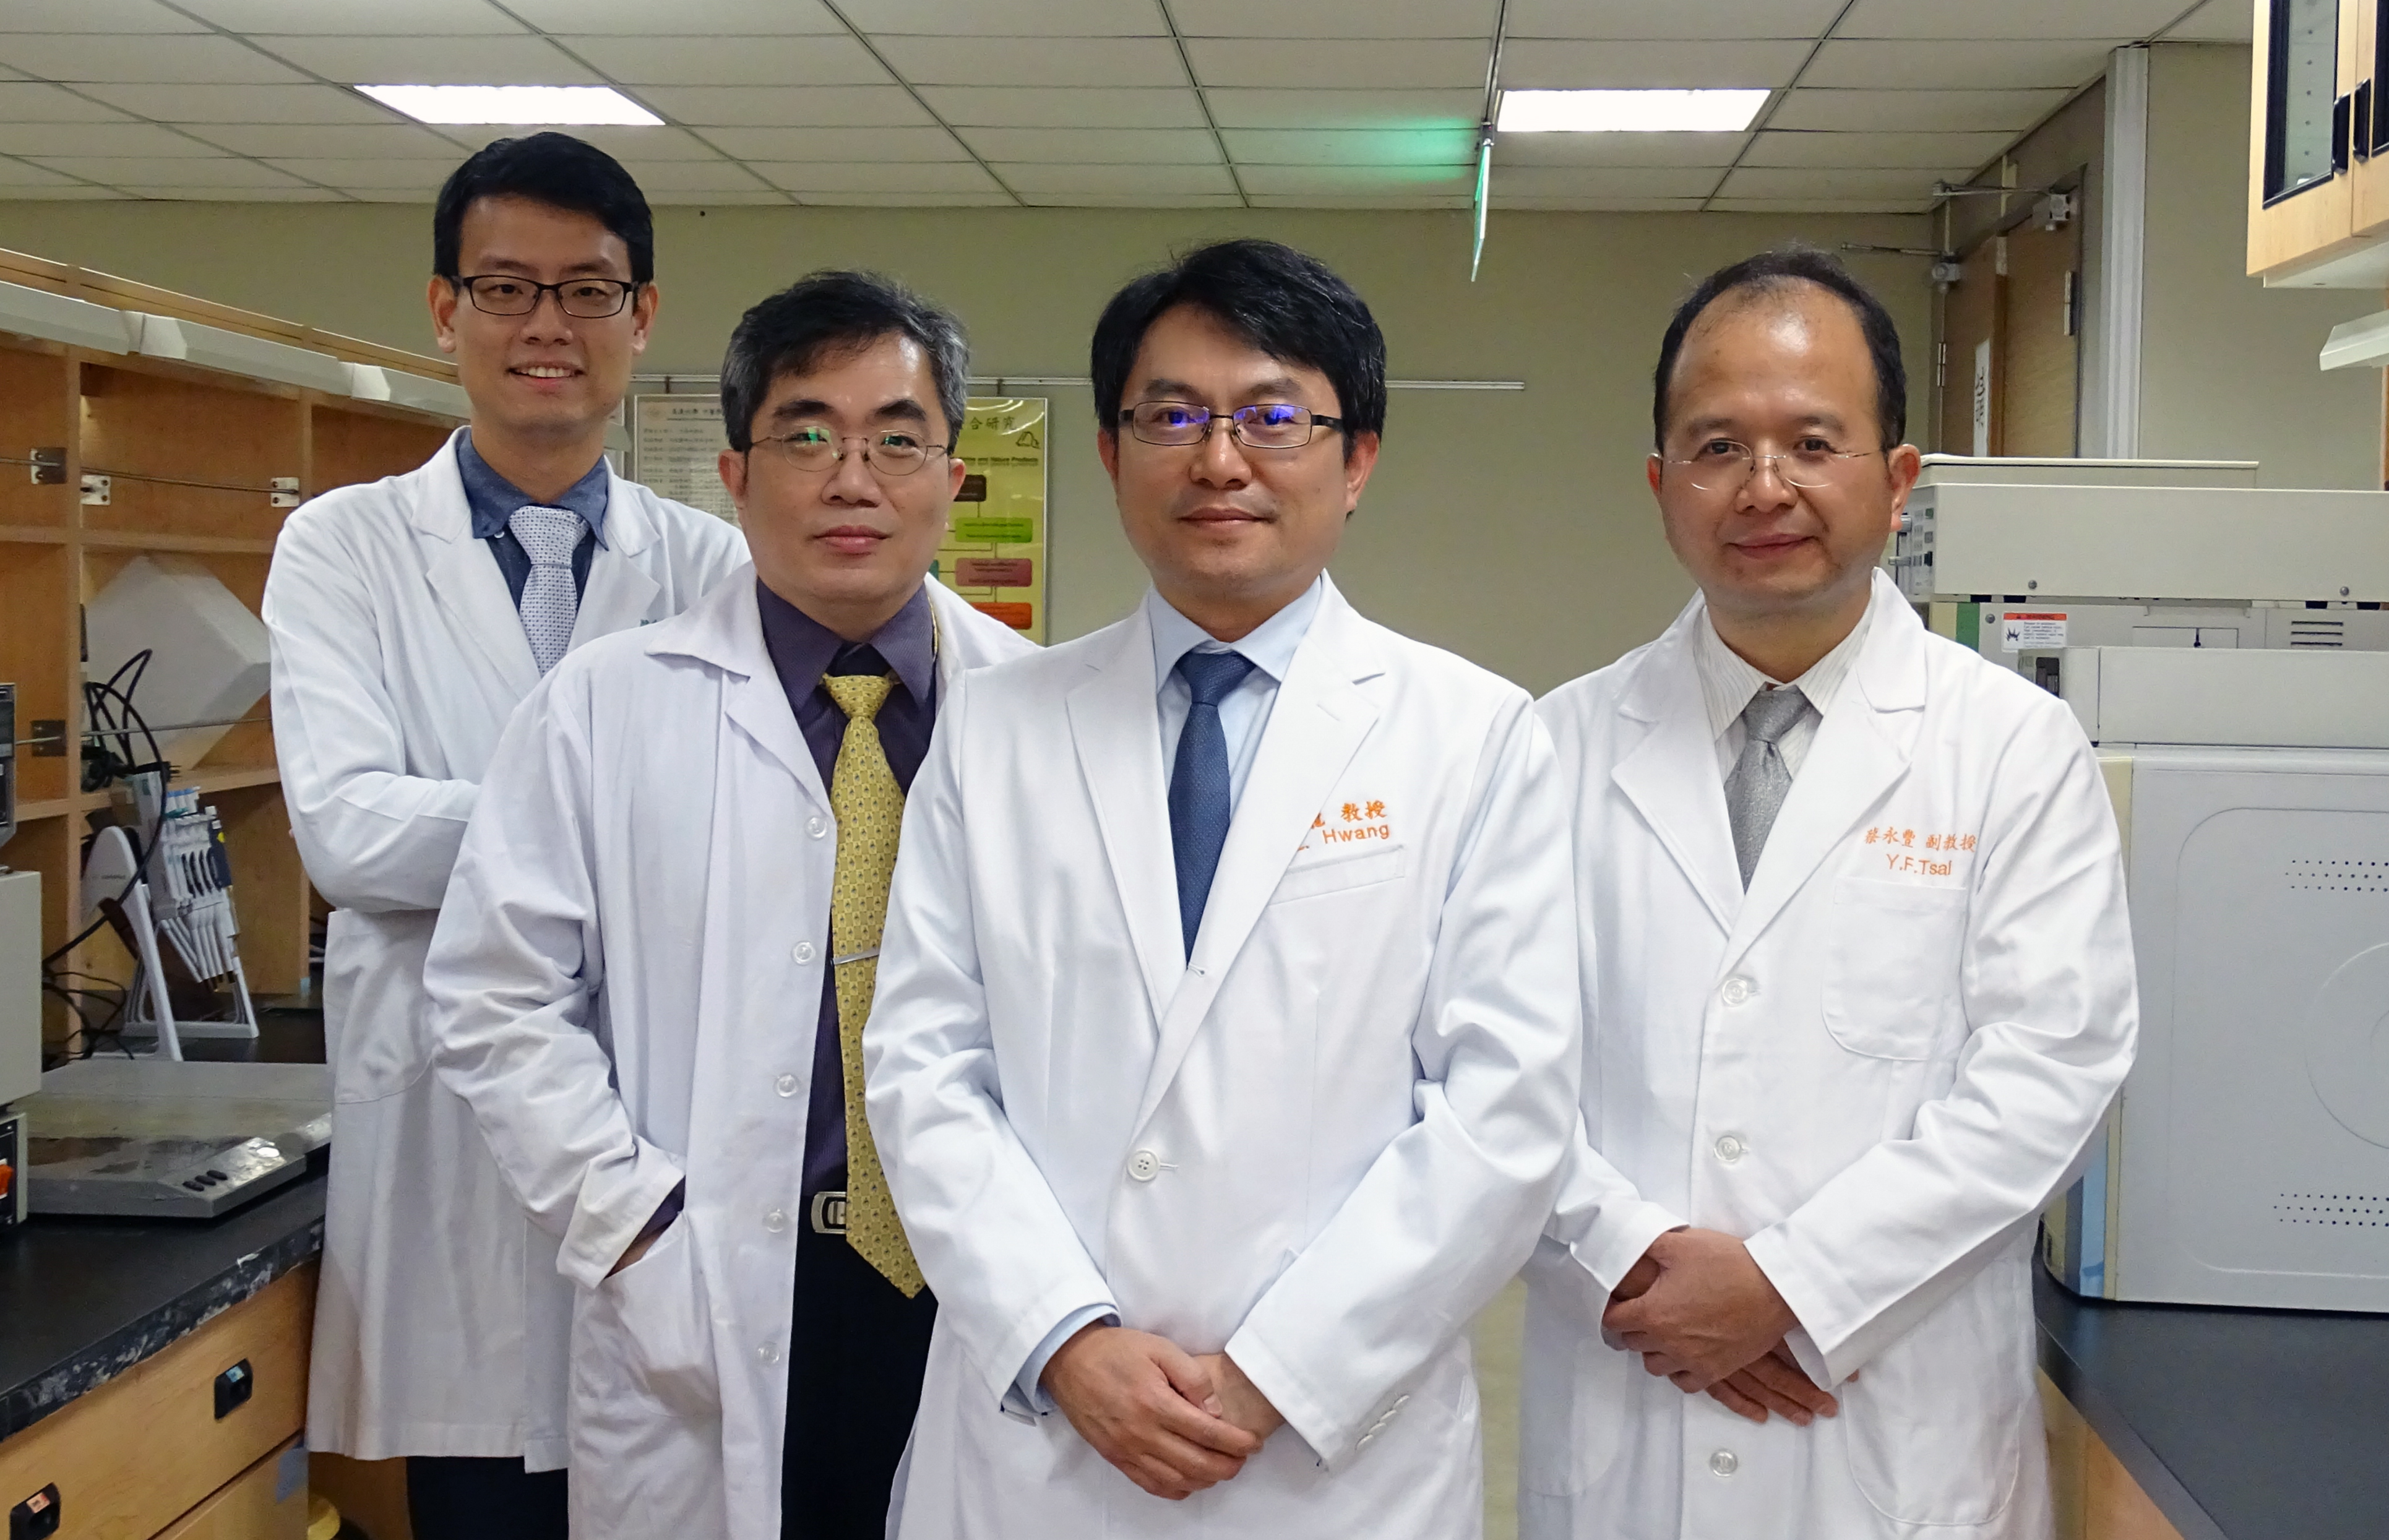 專家團隊(左起):高定一 中醫師;謝珮文 教授;黃聰龍 教授;蔡永豐 西醫師